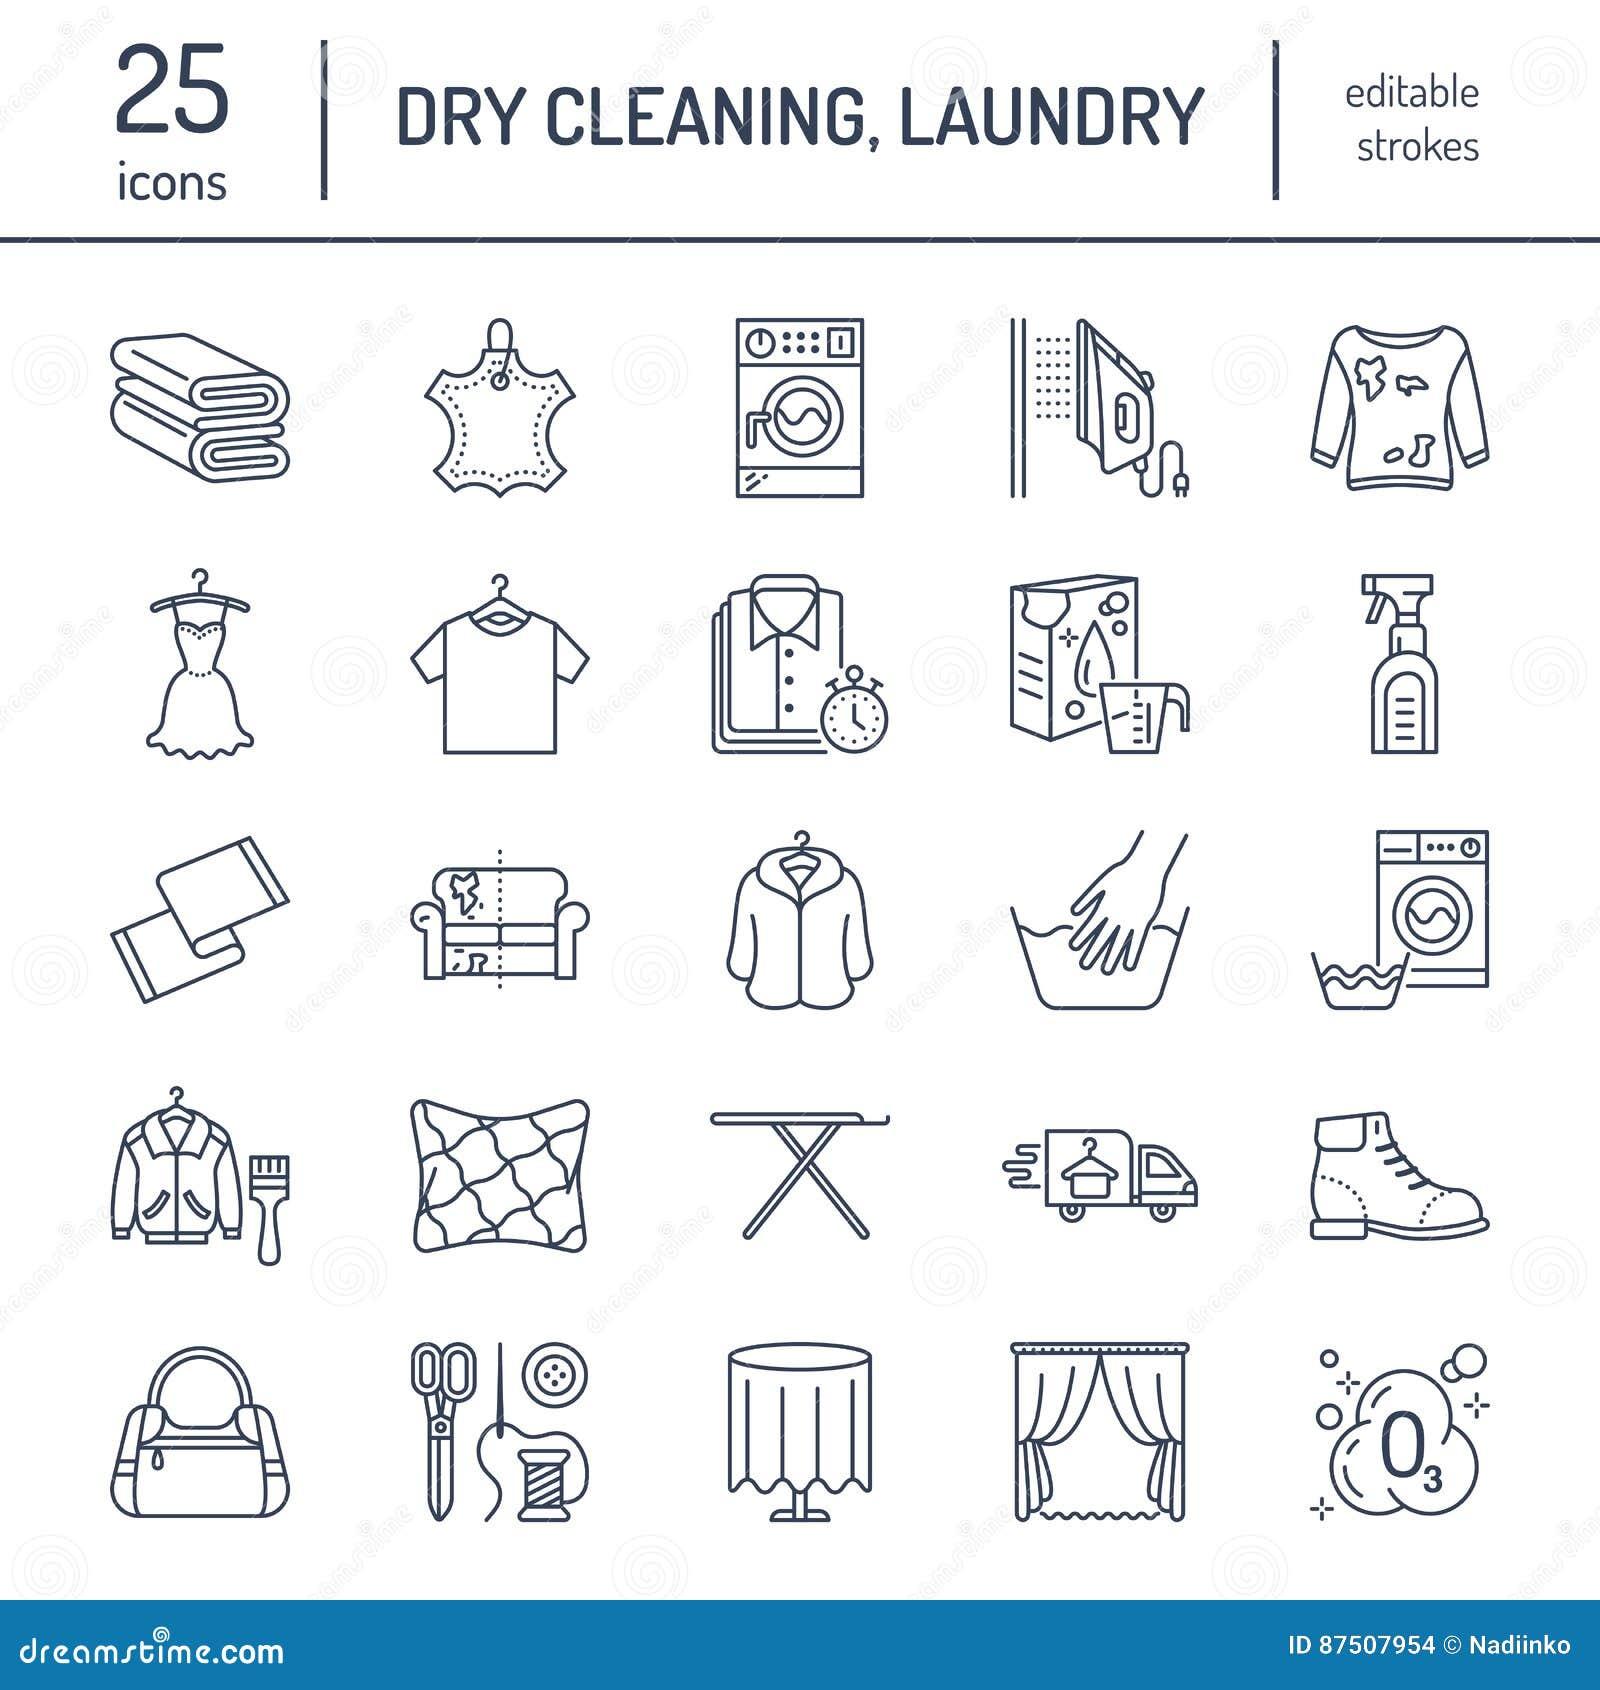 Trockenreinigung, Wäscheleineikonen Waschsalonservice-Ausrüstung, Waschmaschine, Kleidungsschuh und leaher Reparatur